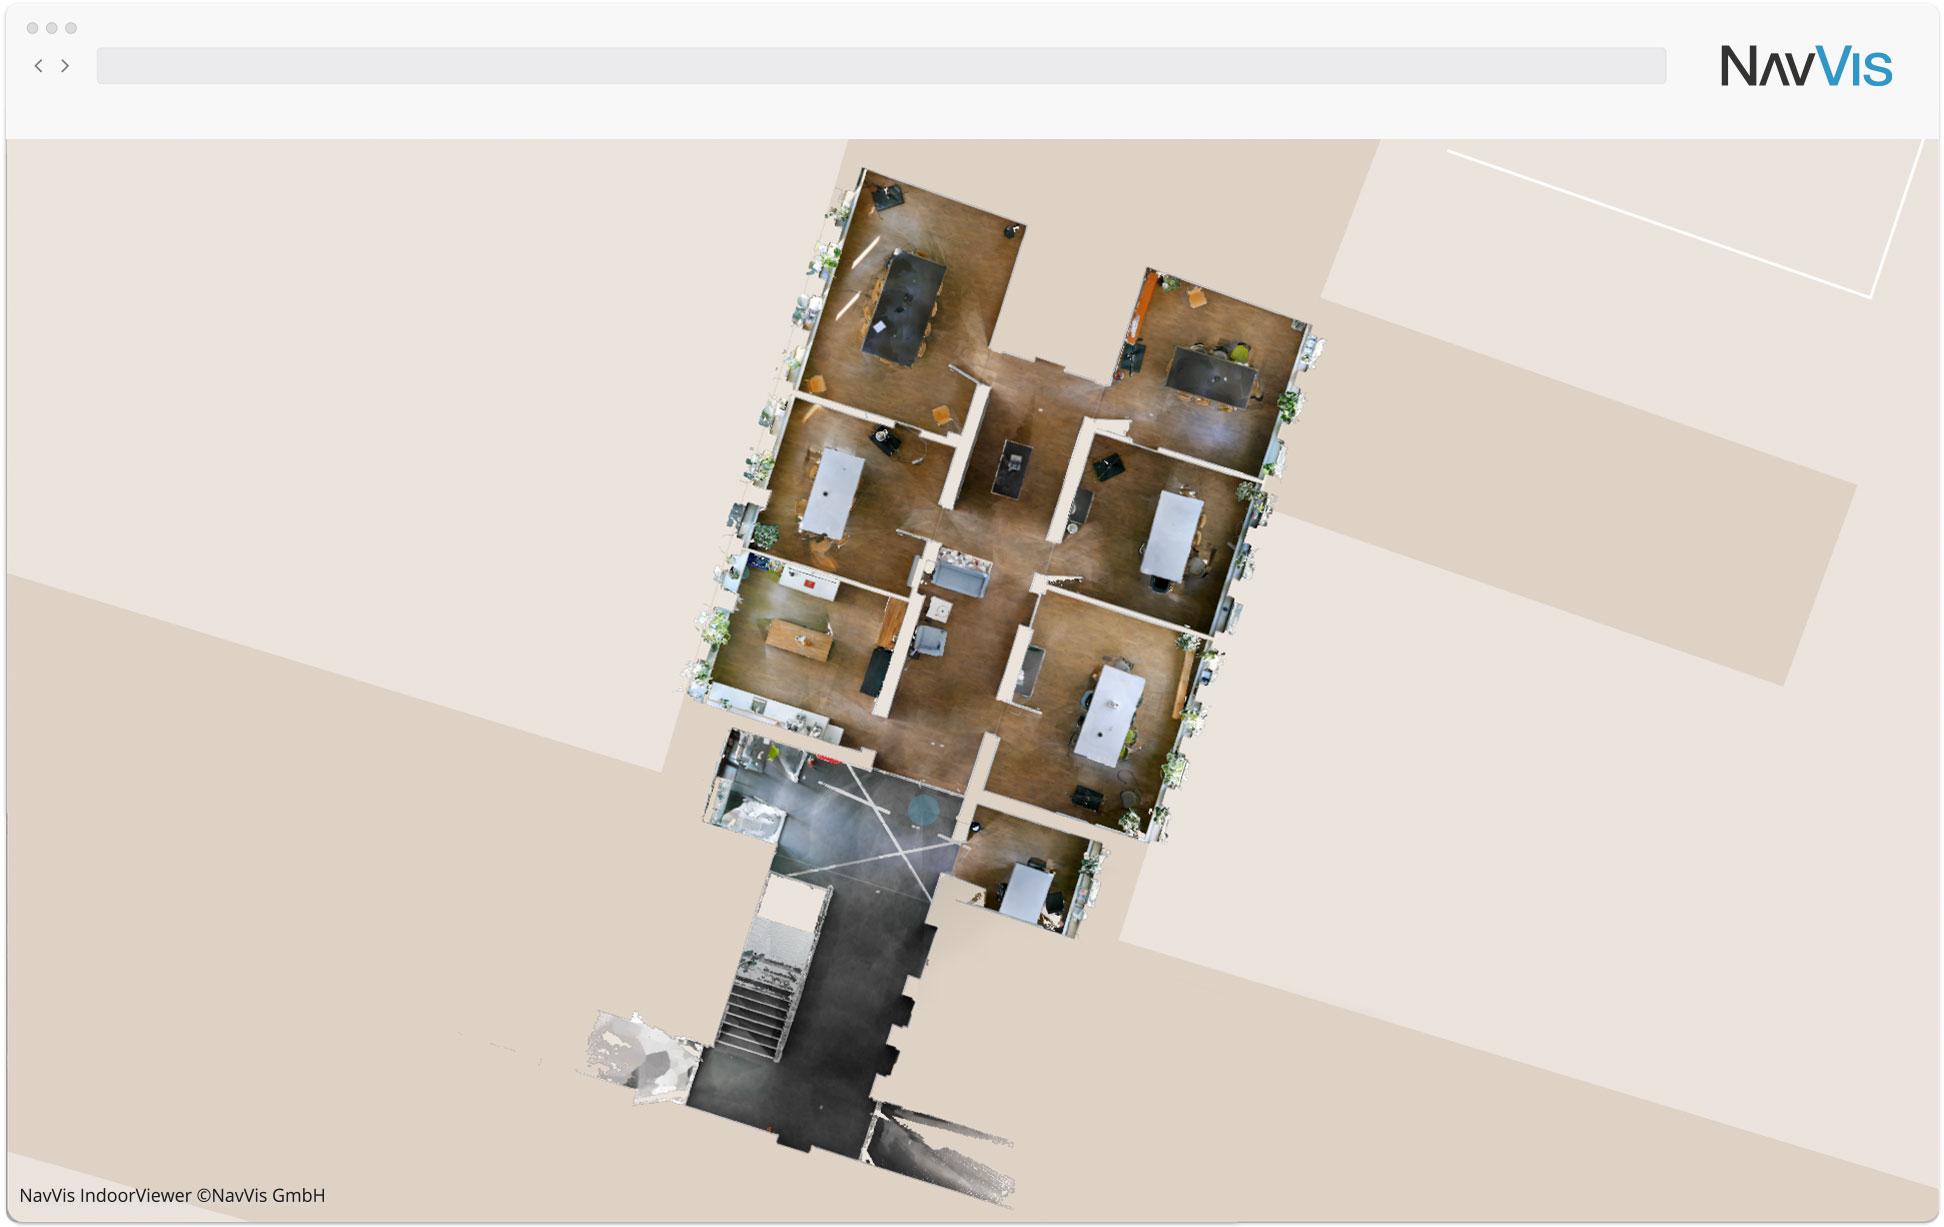 NavVis IndoorViewer Interactive Floor plan